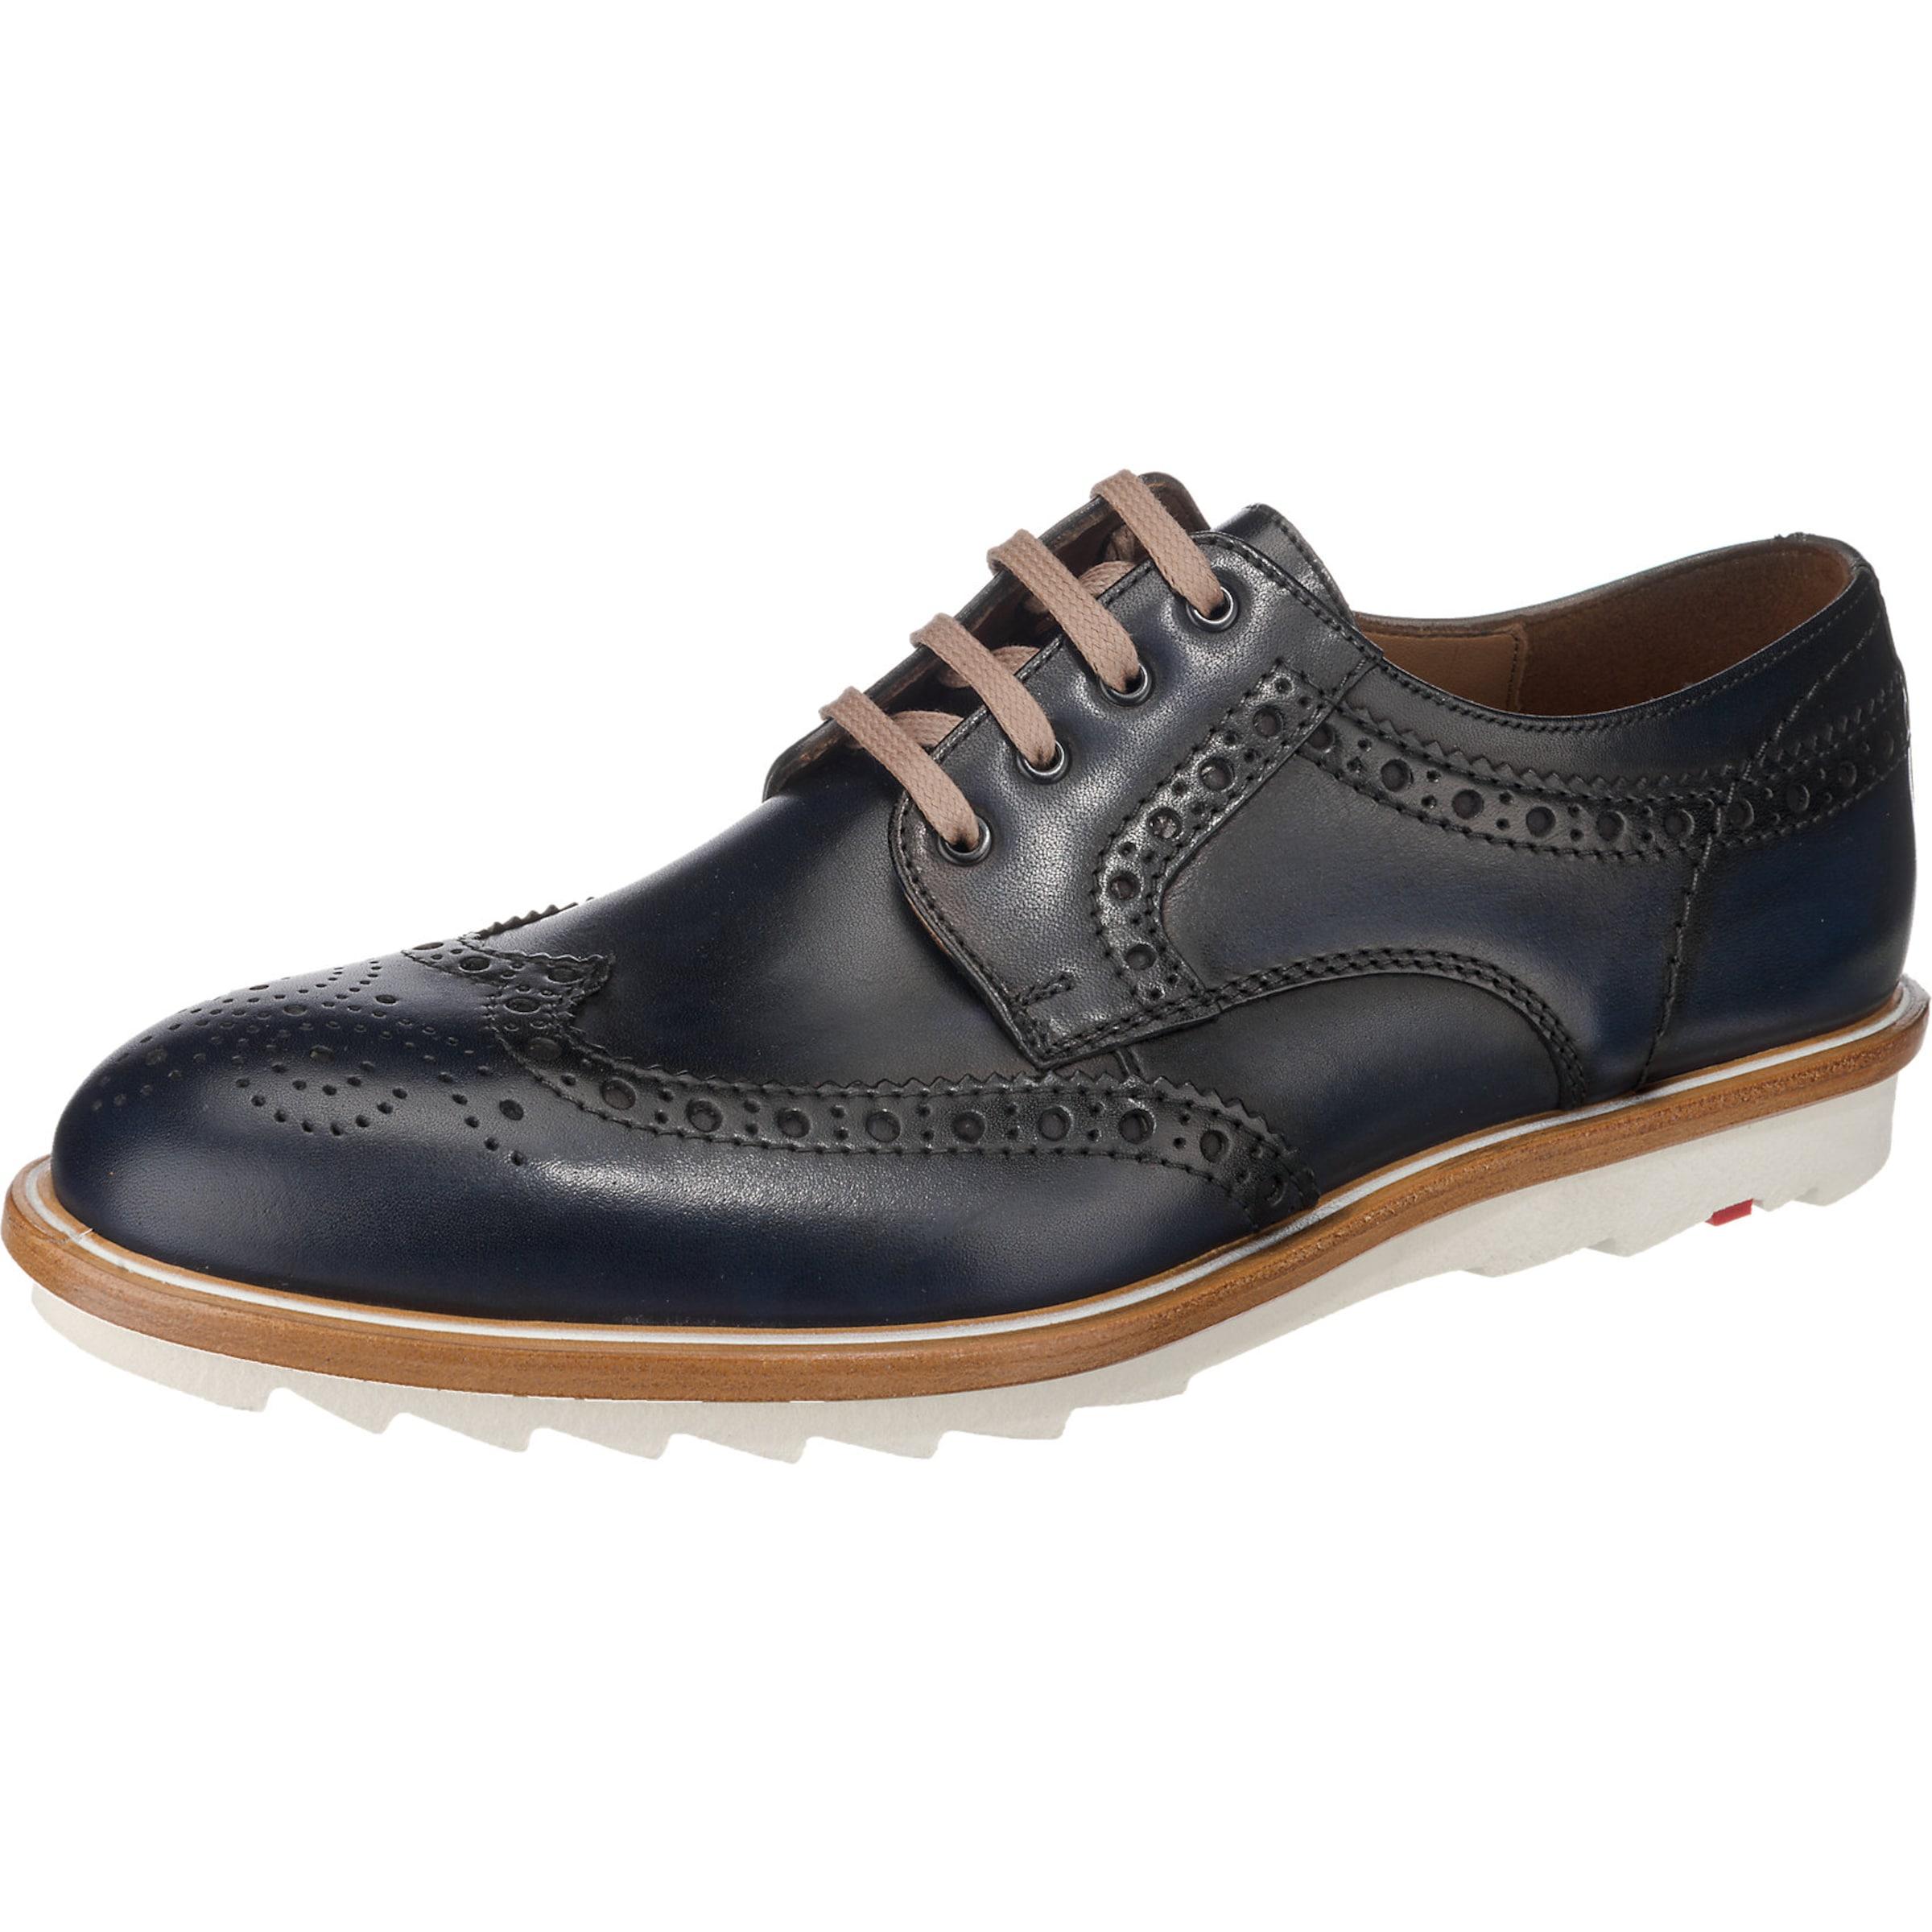 LLOYD Business-Schnürschuhe FAIRBANKS Verschleißfeste billige Schuhe